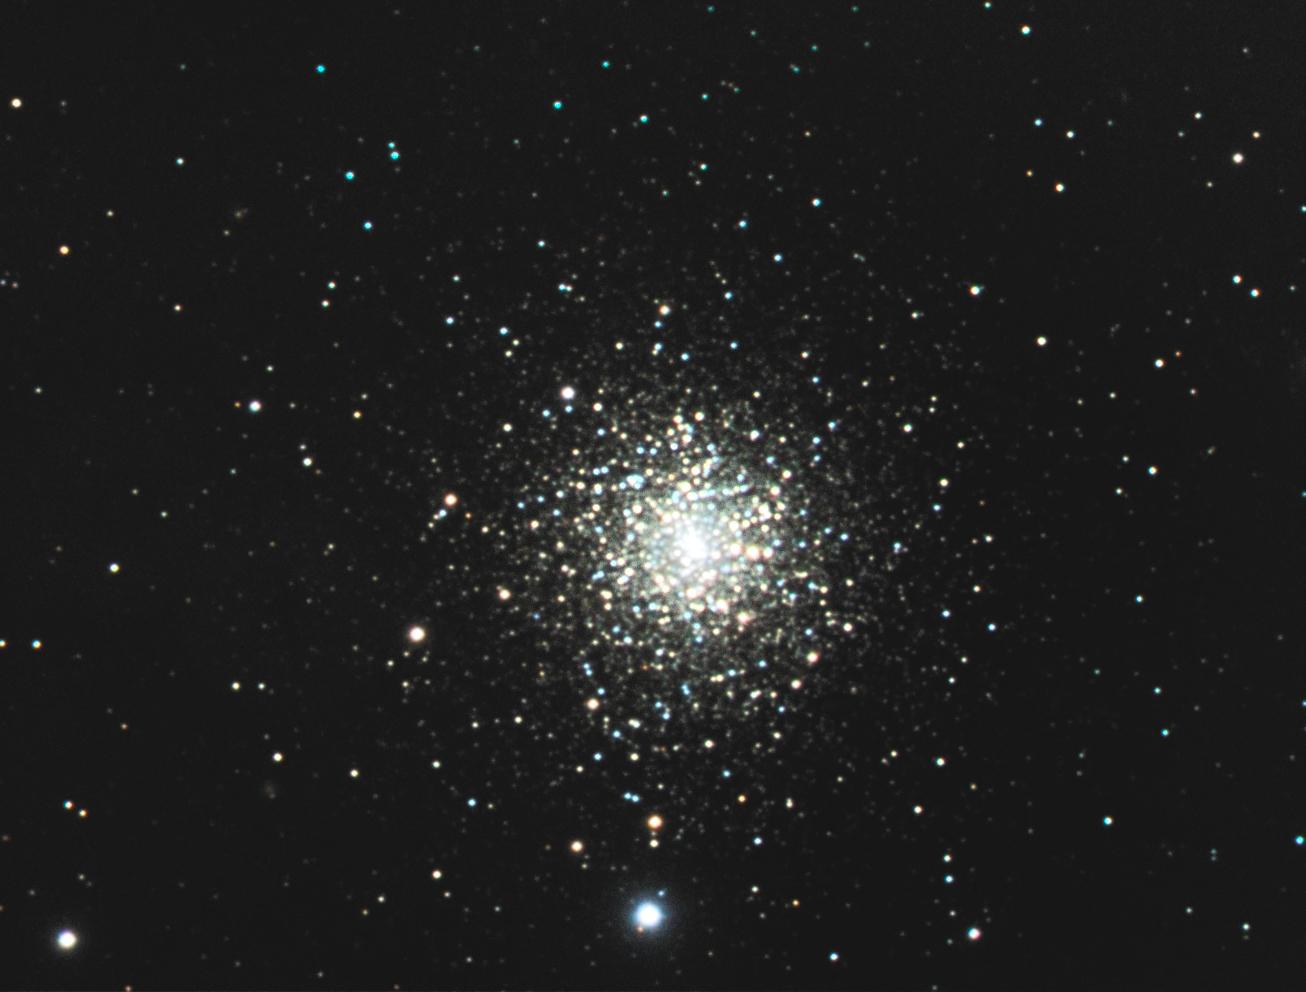 M30-C8-red0.63antares-atik16hr-LRVB.jpg